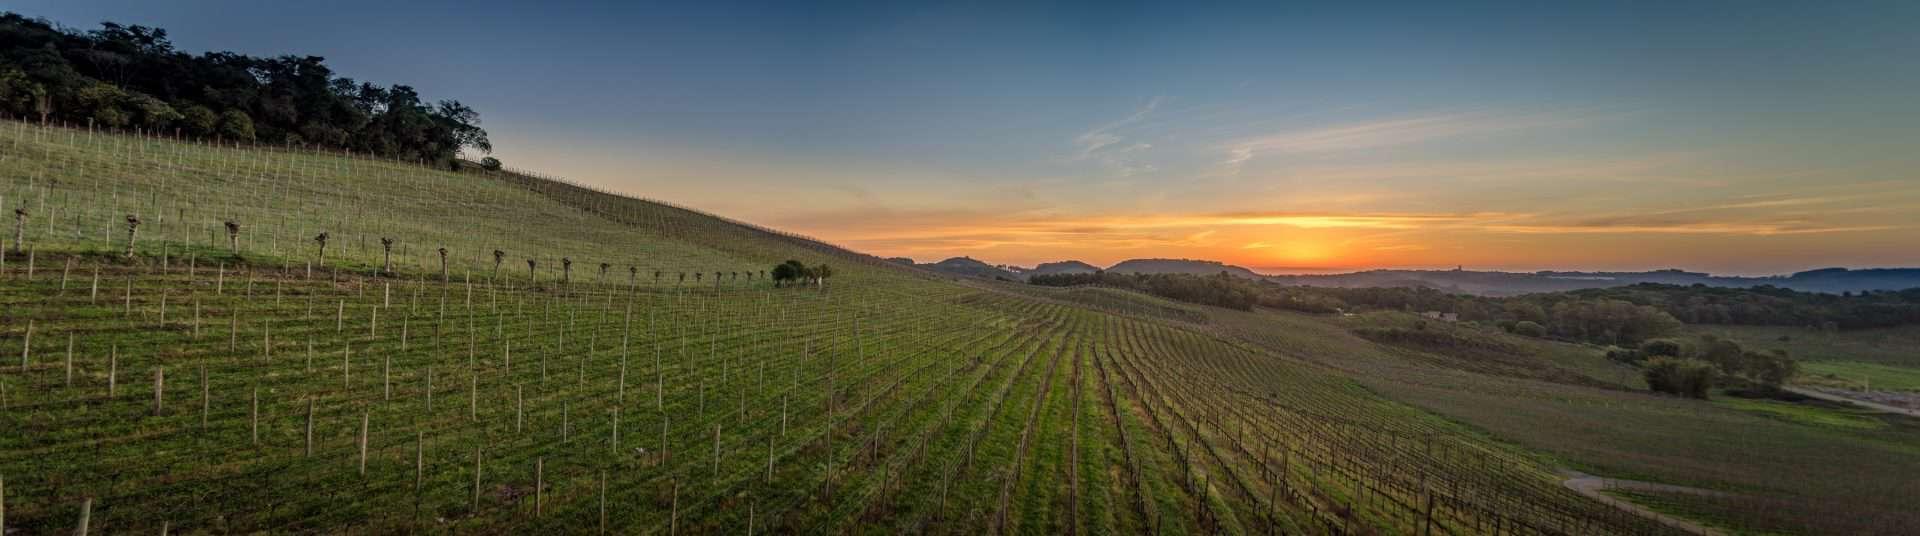 Vale dos Vinhedos, o paraíso do vinho na Serra Gaúcha